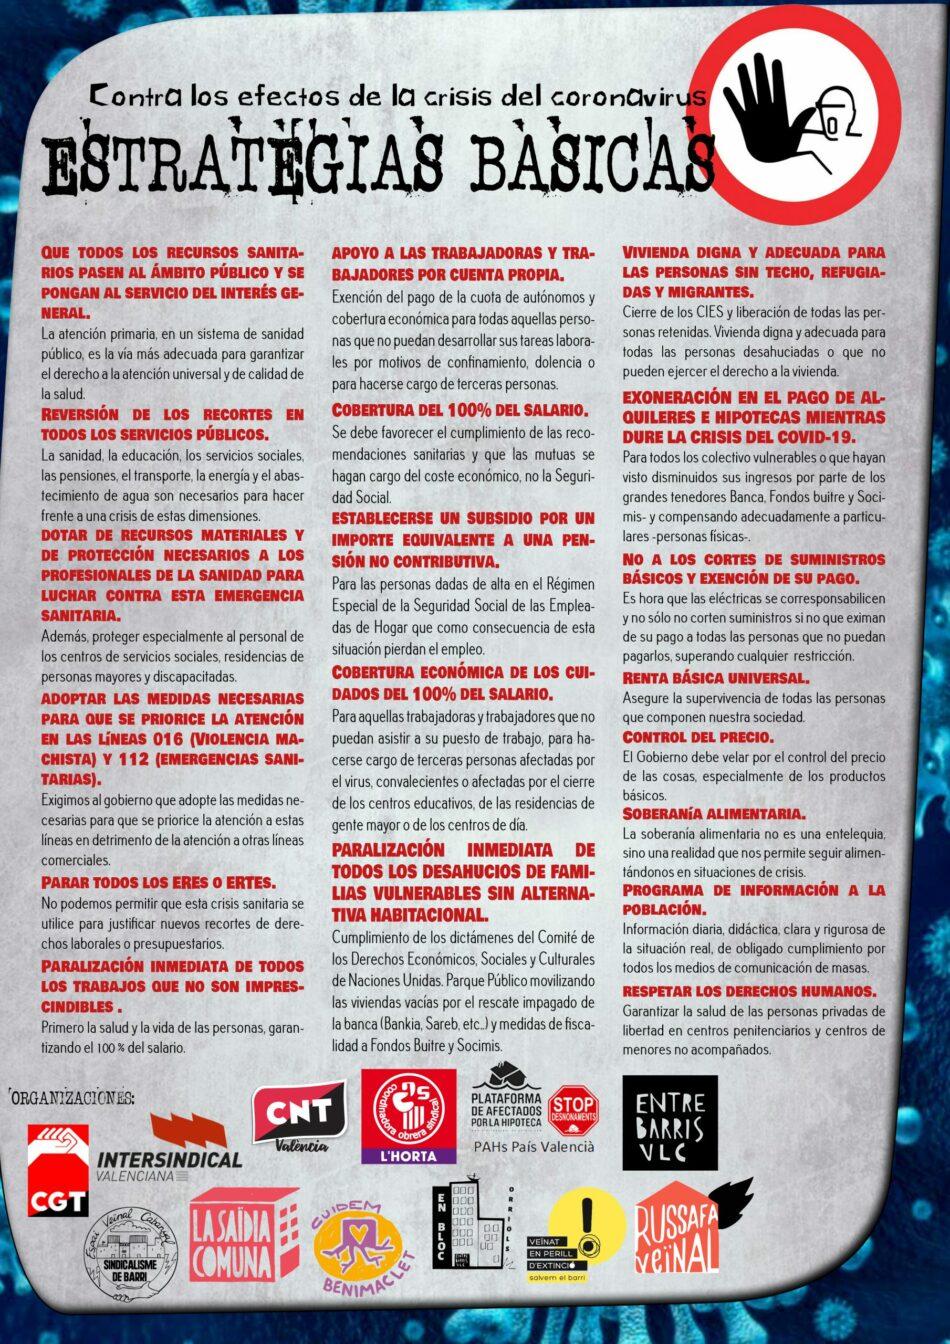 Se constituye el Plan de choque social en el País Valenciano